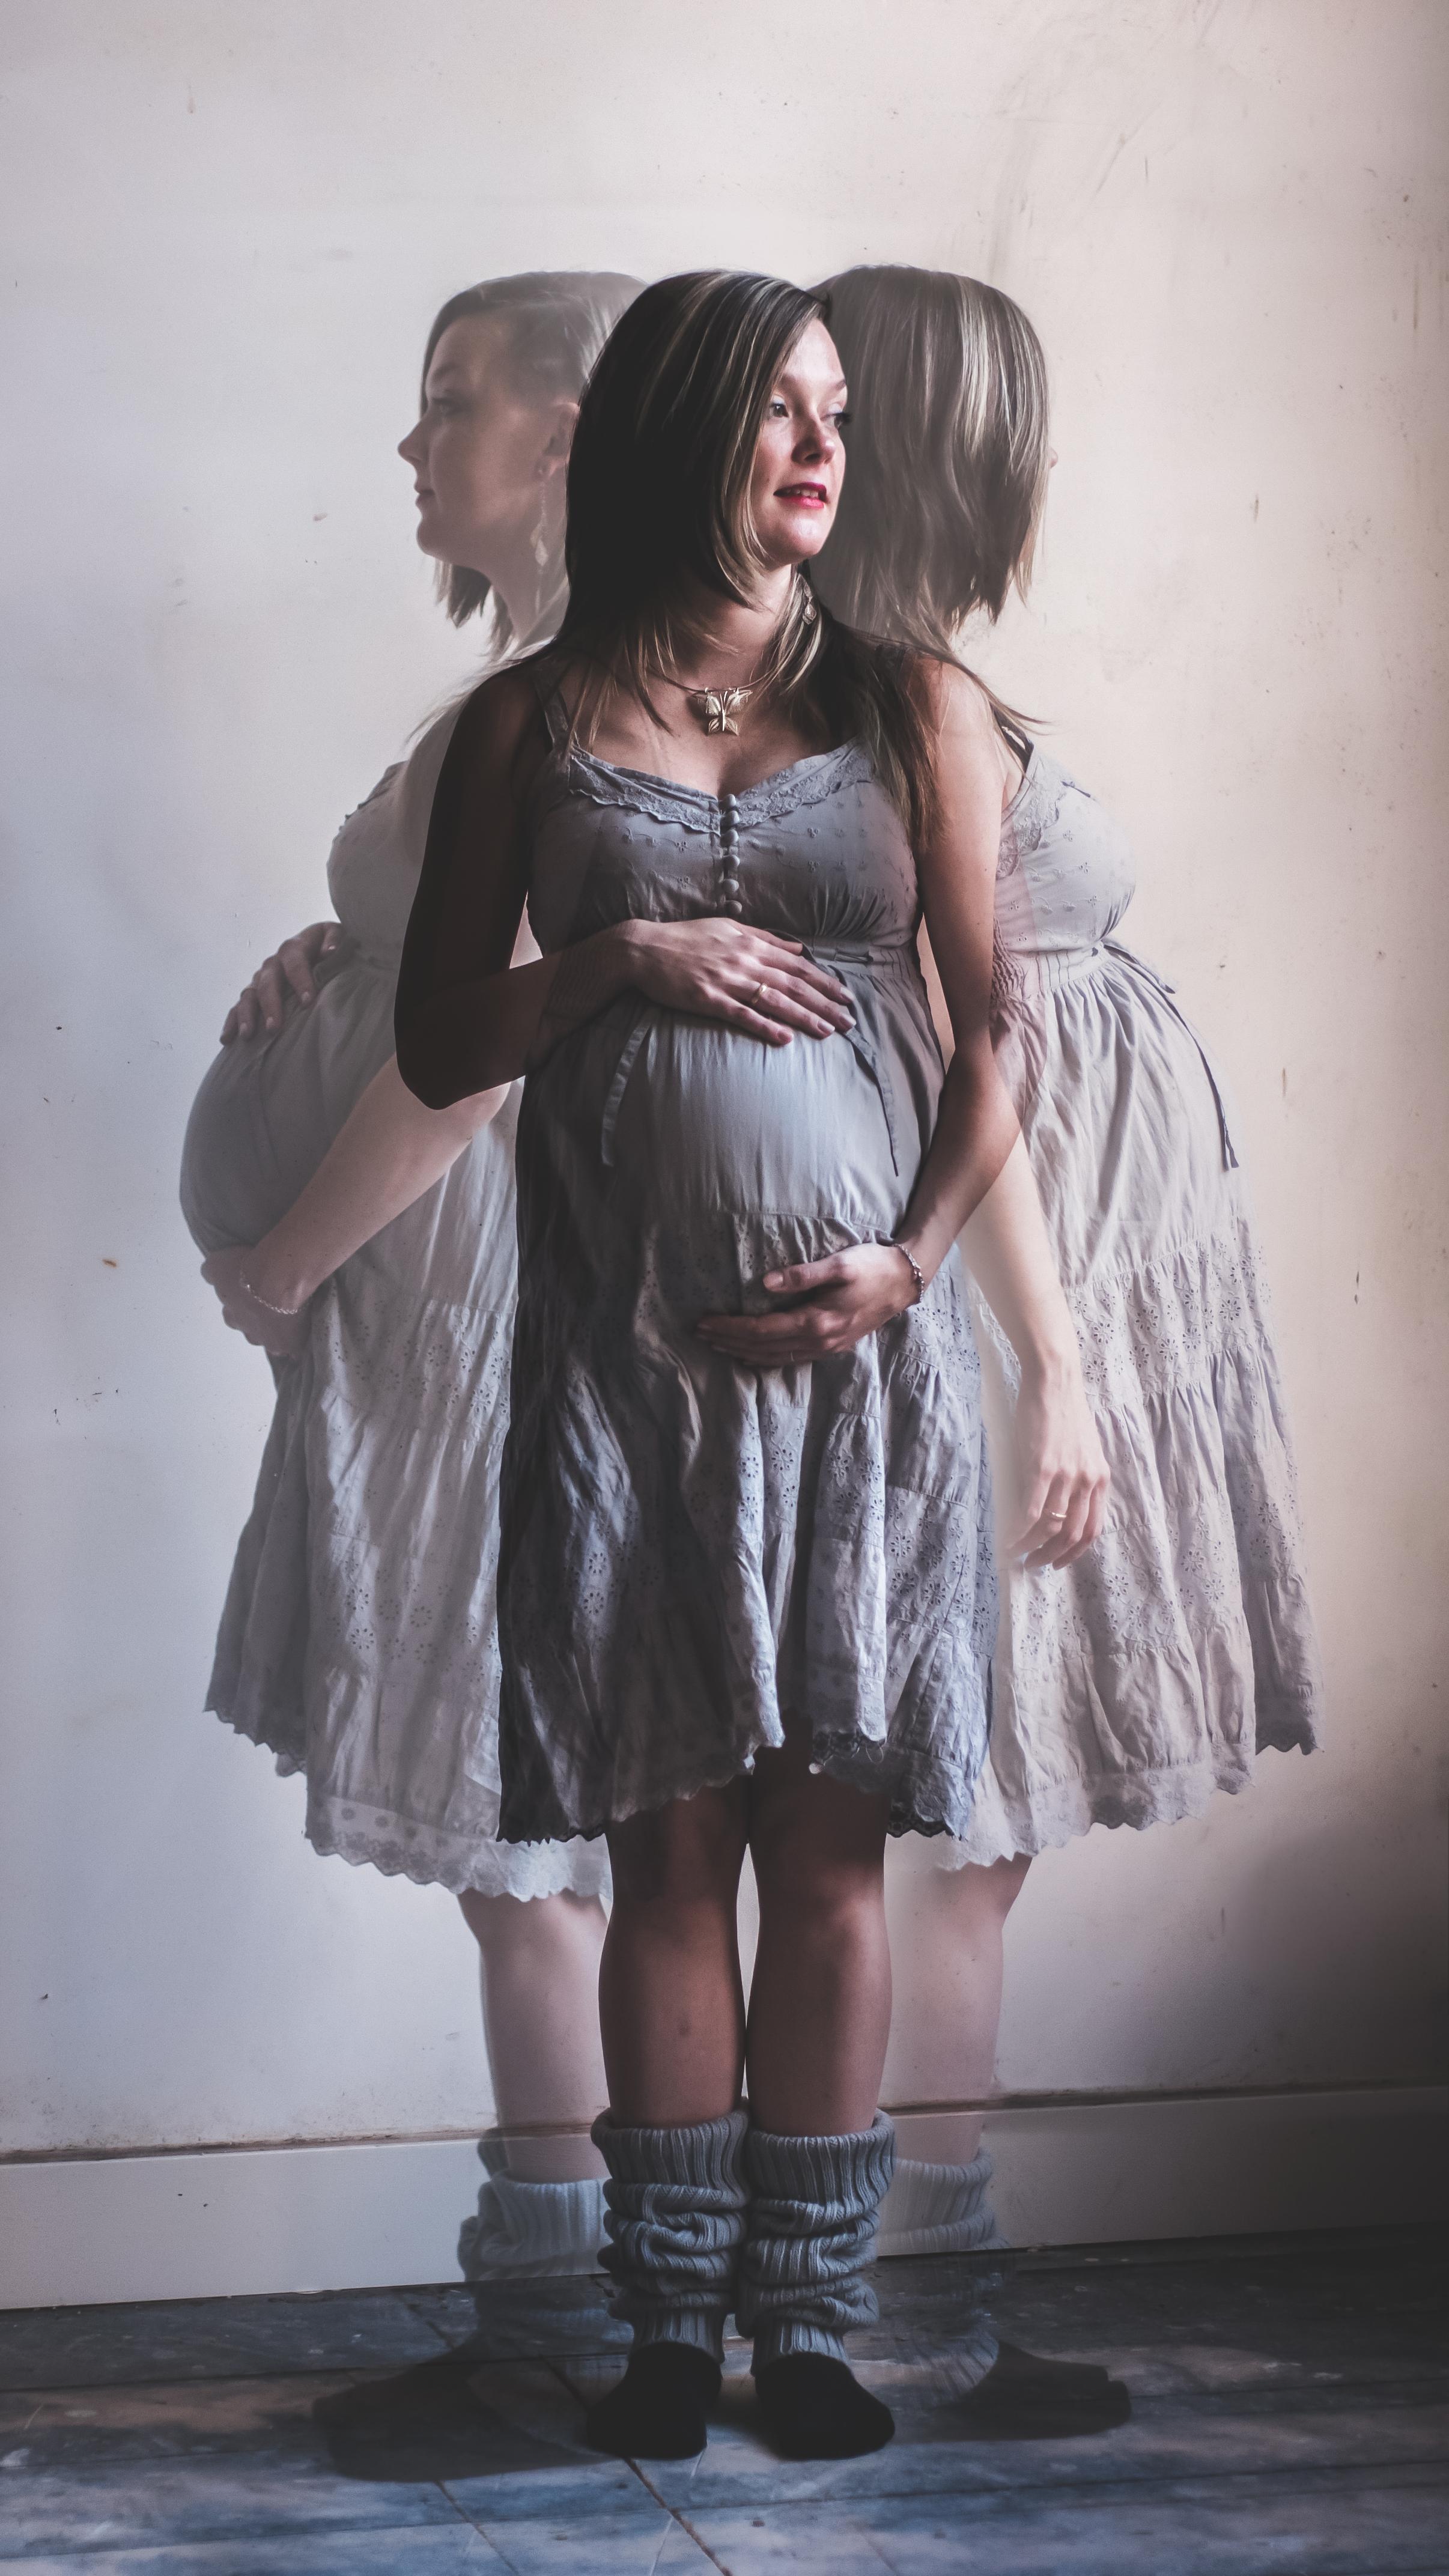 MissLalamour-Zwangerschapsshoot Jaap en Karin-36.jpg